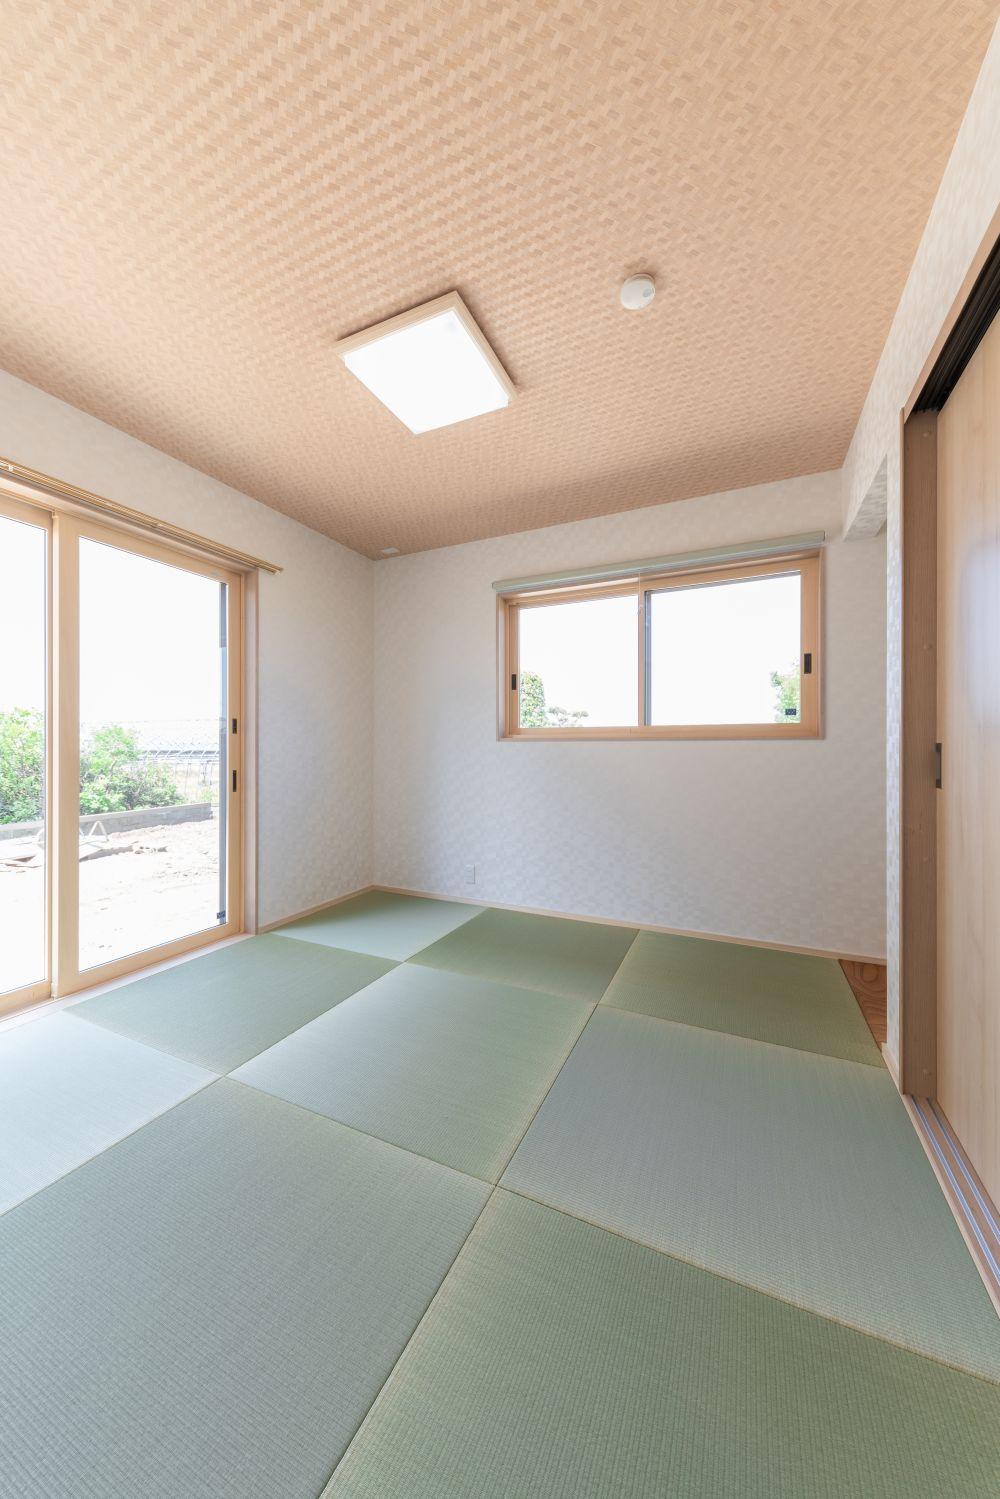 熊本県熊本市の新築住宅和室